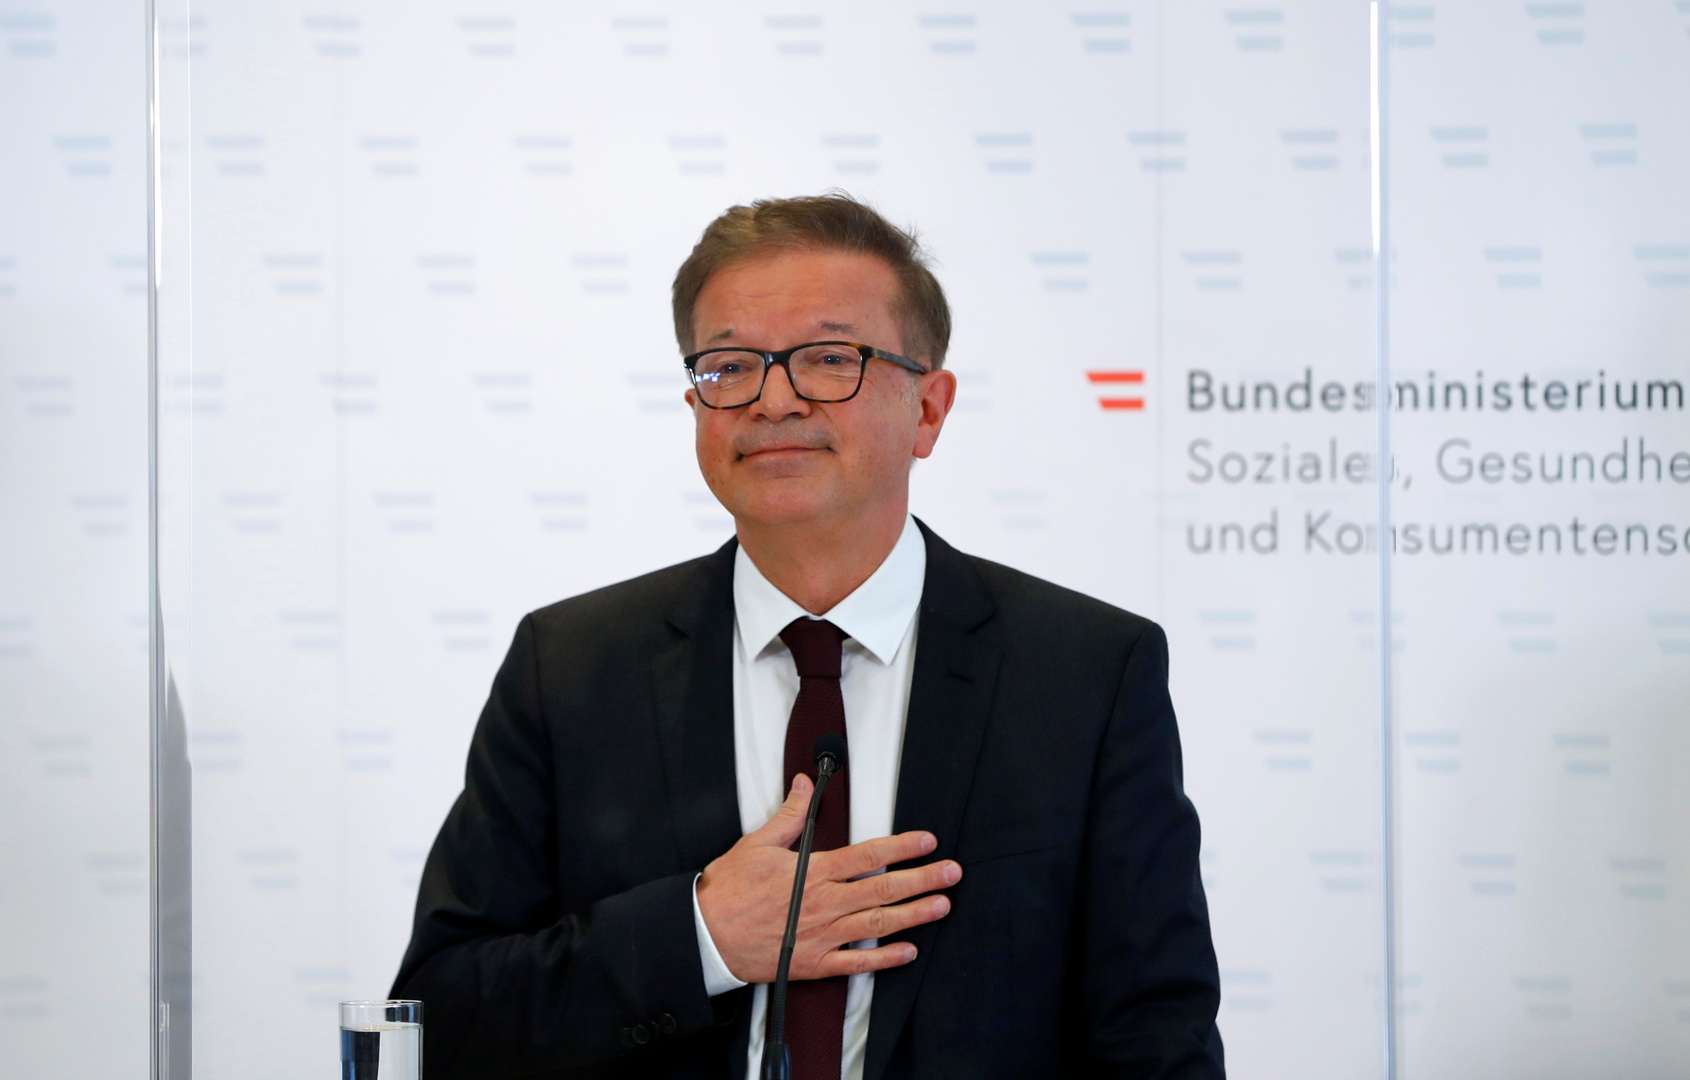 استقالة وزير الصحة النمساوي بسبب الإرهاق